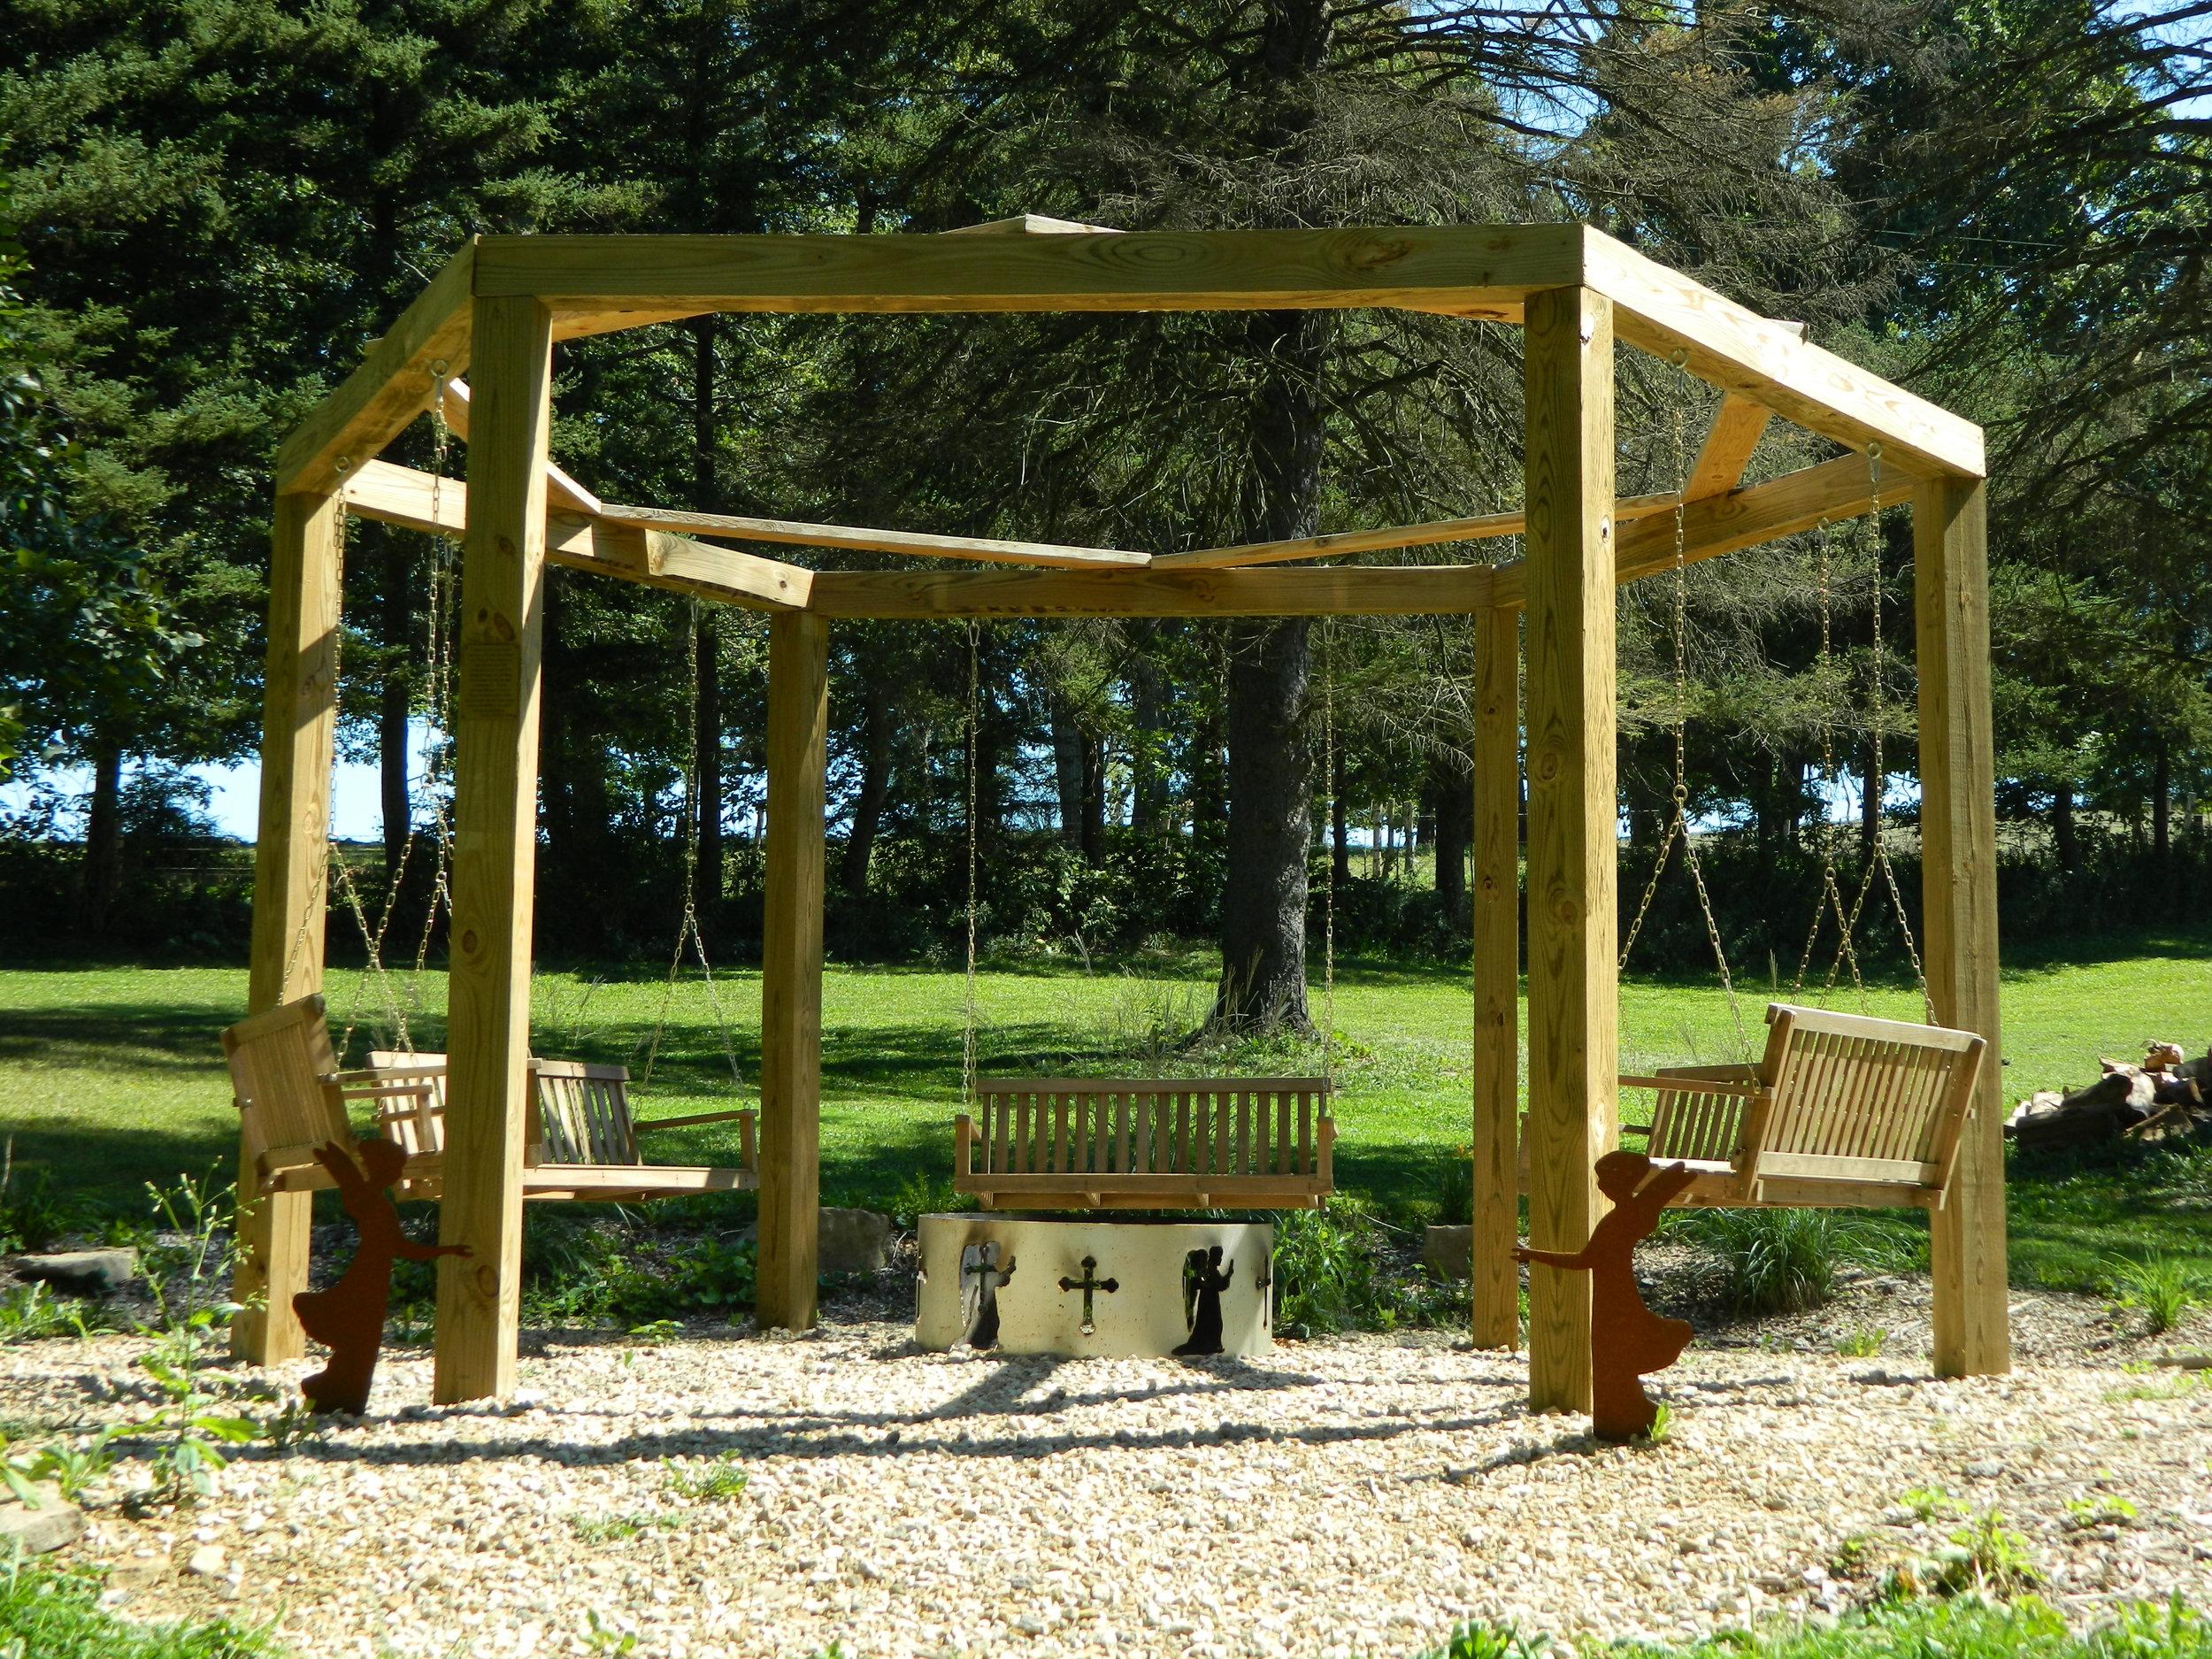 Swings & Fireplace